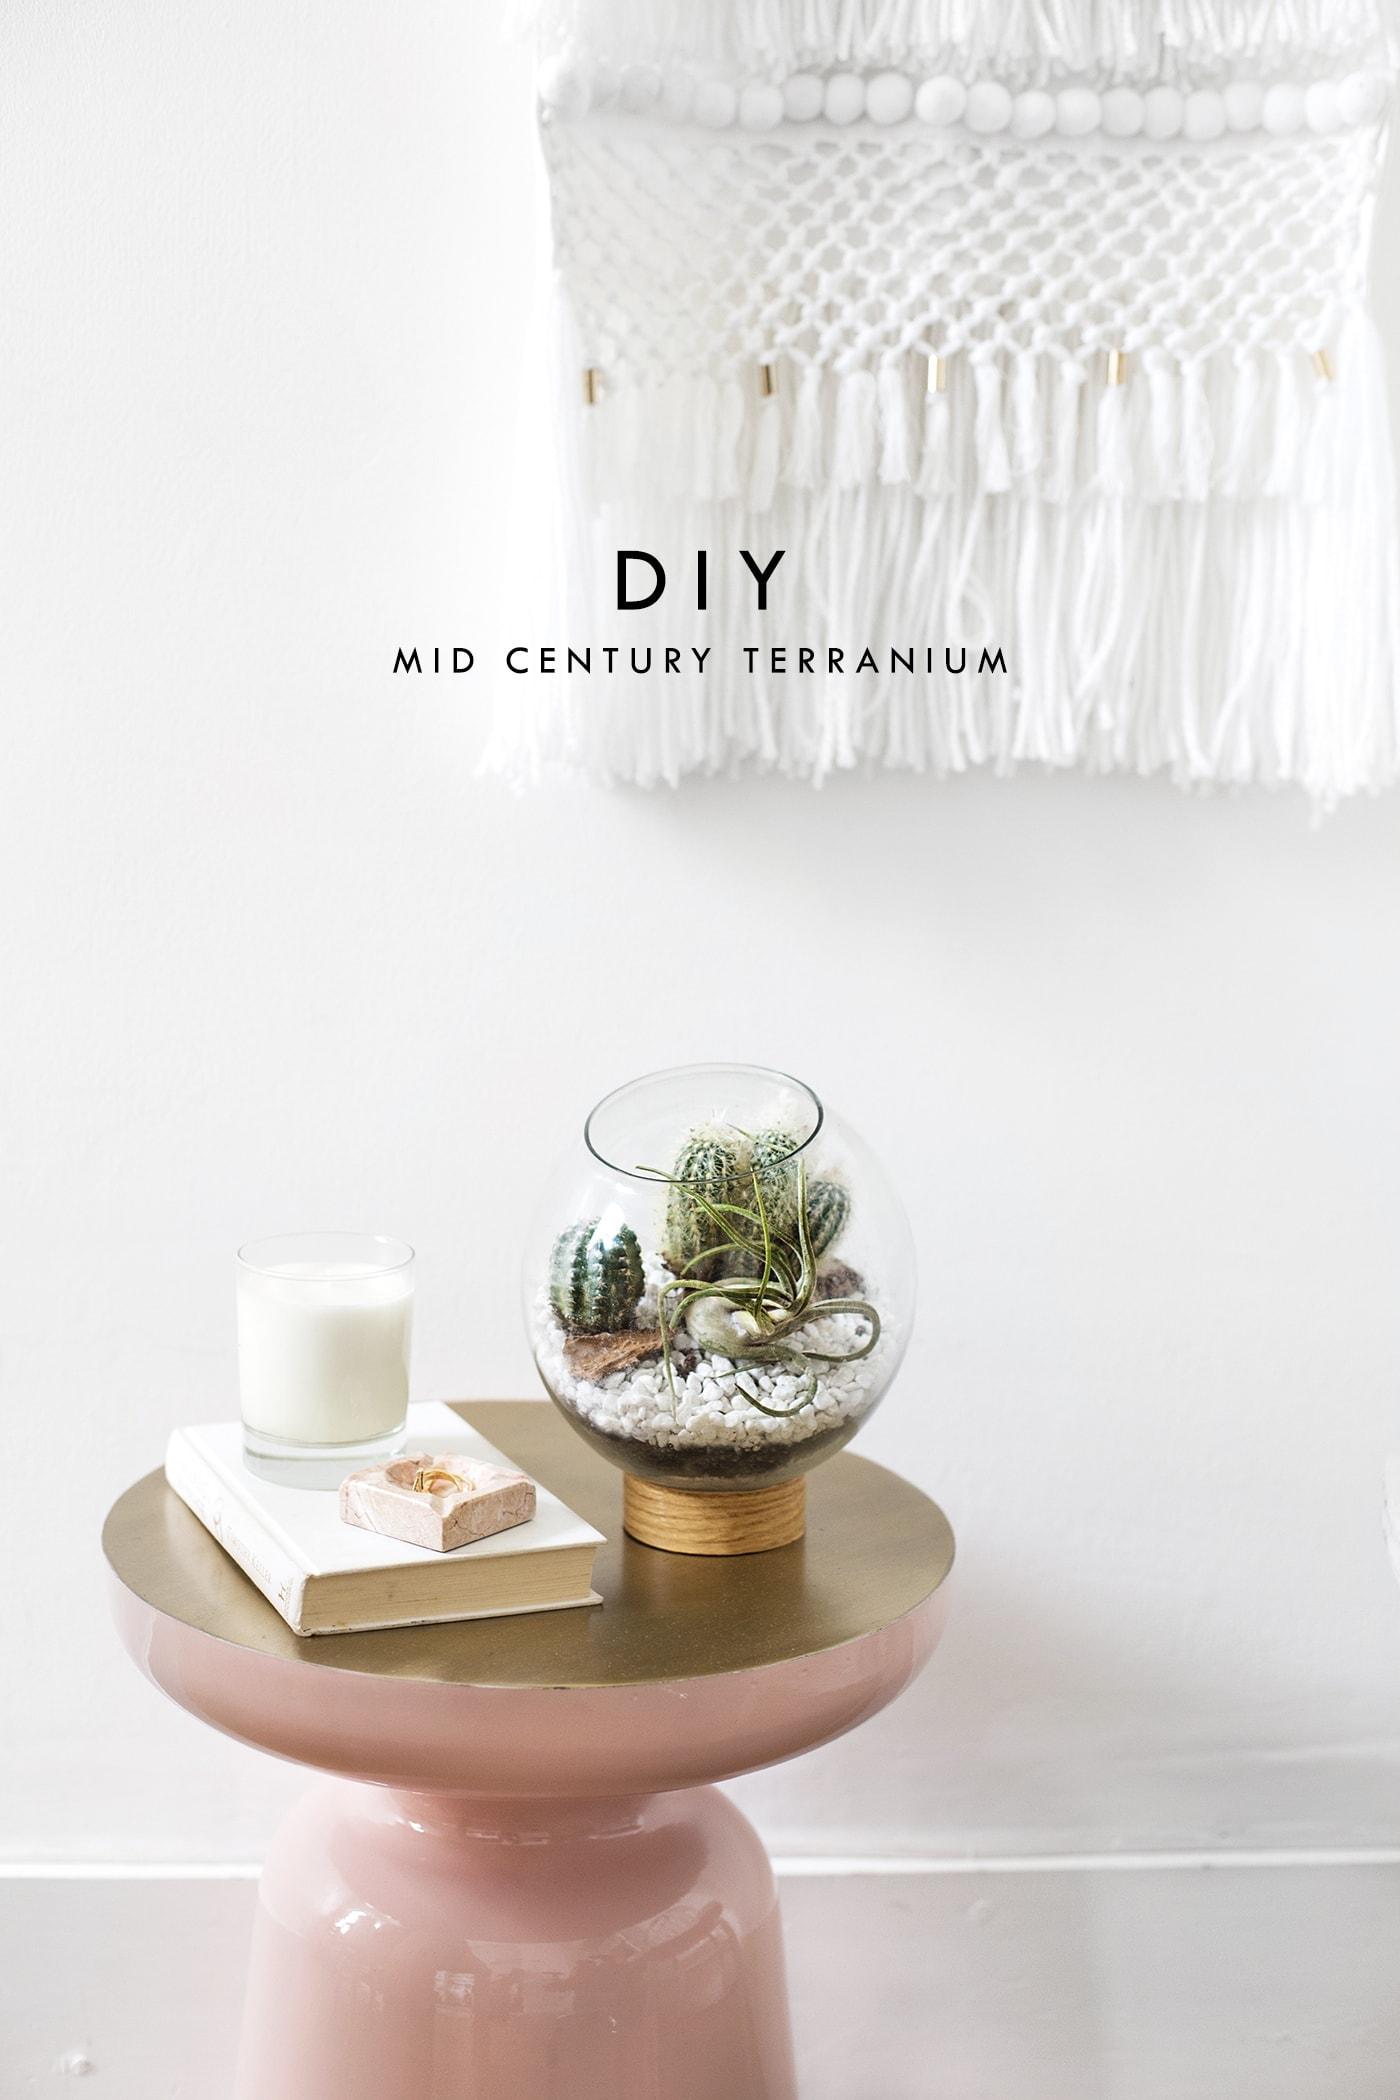 diy-mid-century-terranium-tutorial-easy-crafts-interior-ideas